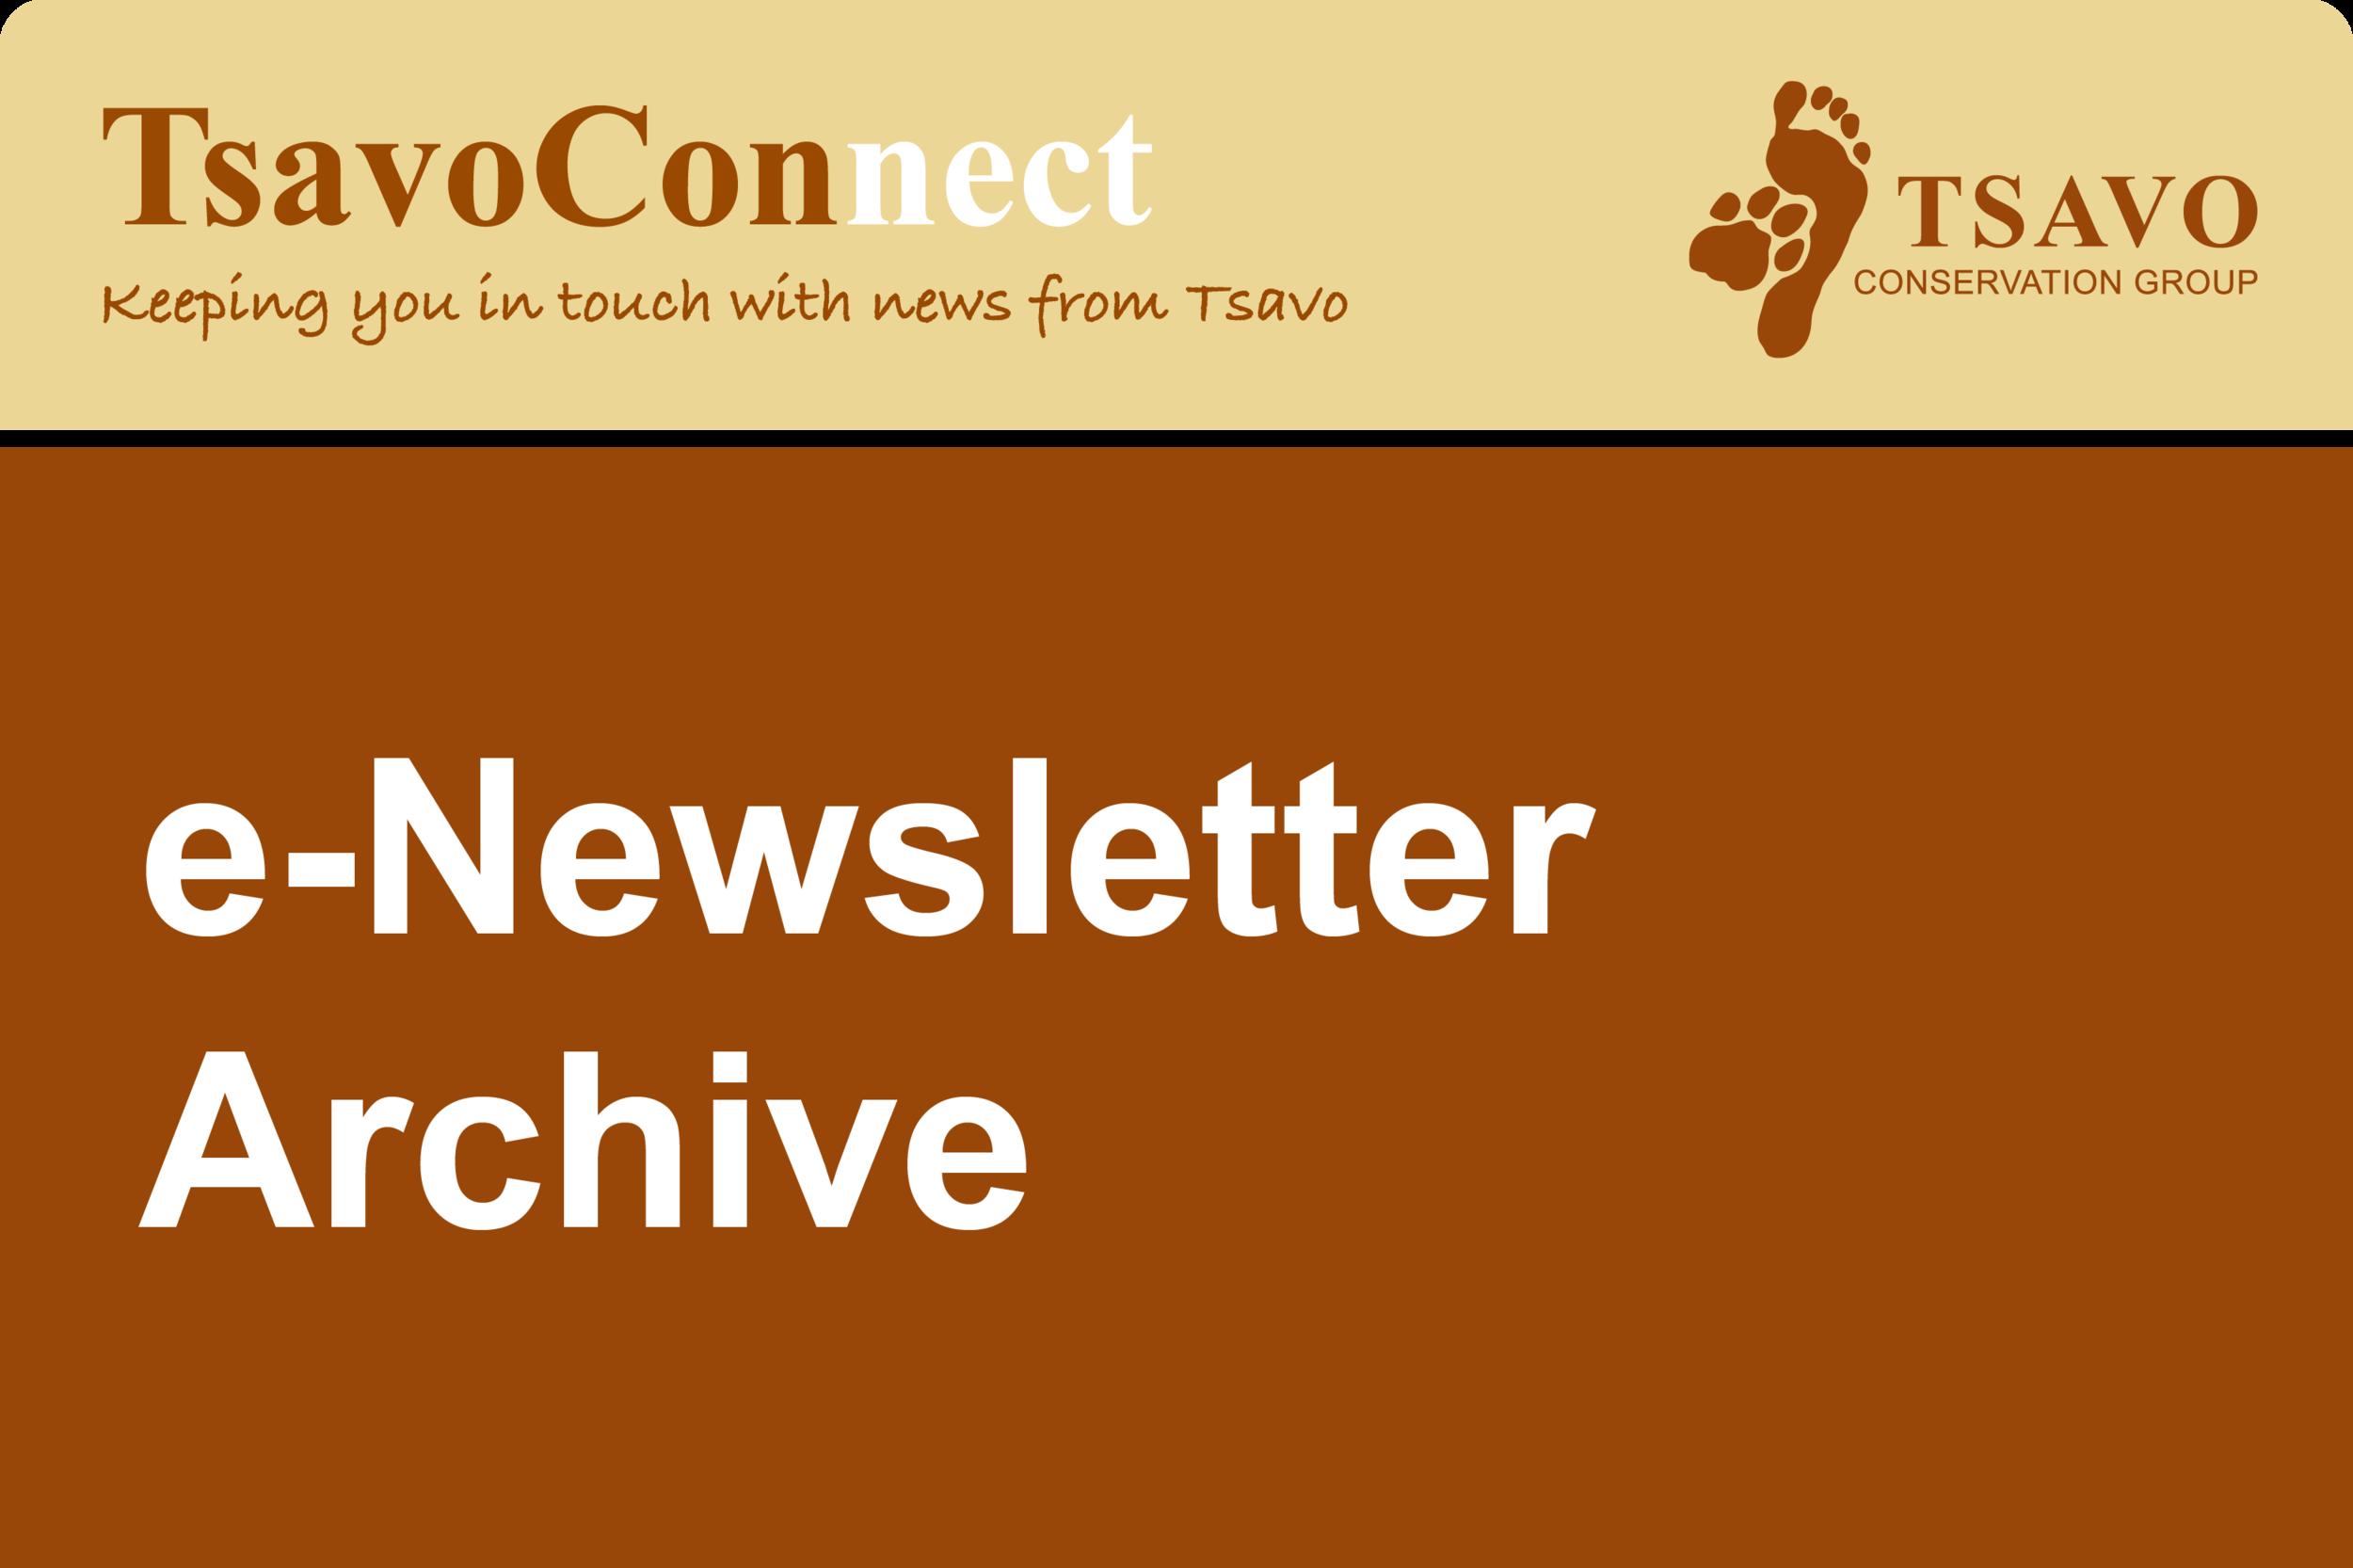 TsavoConnect newsletter archive